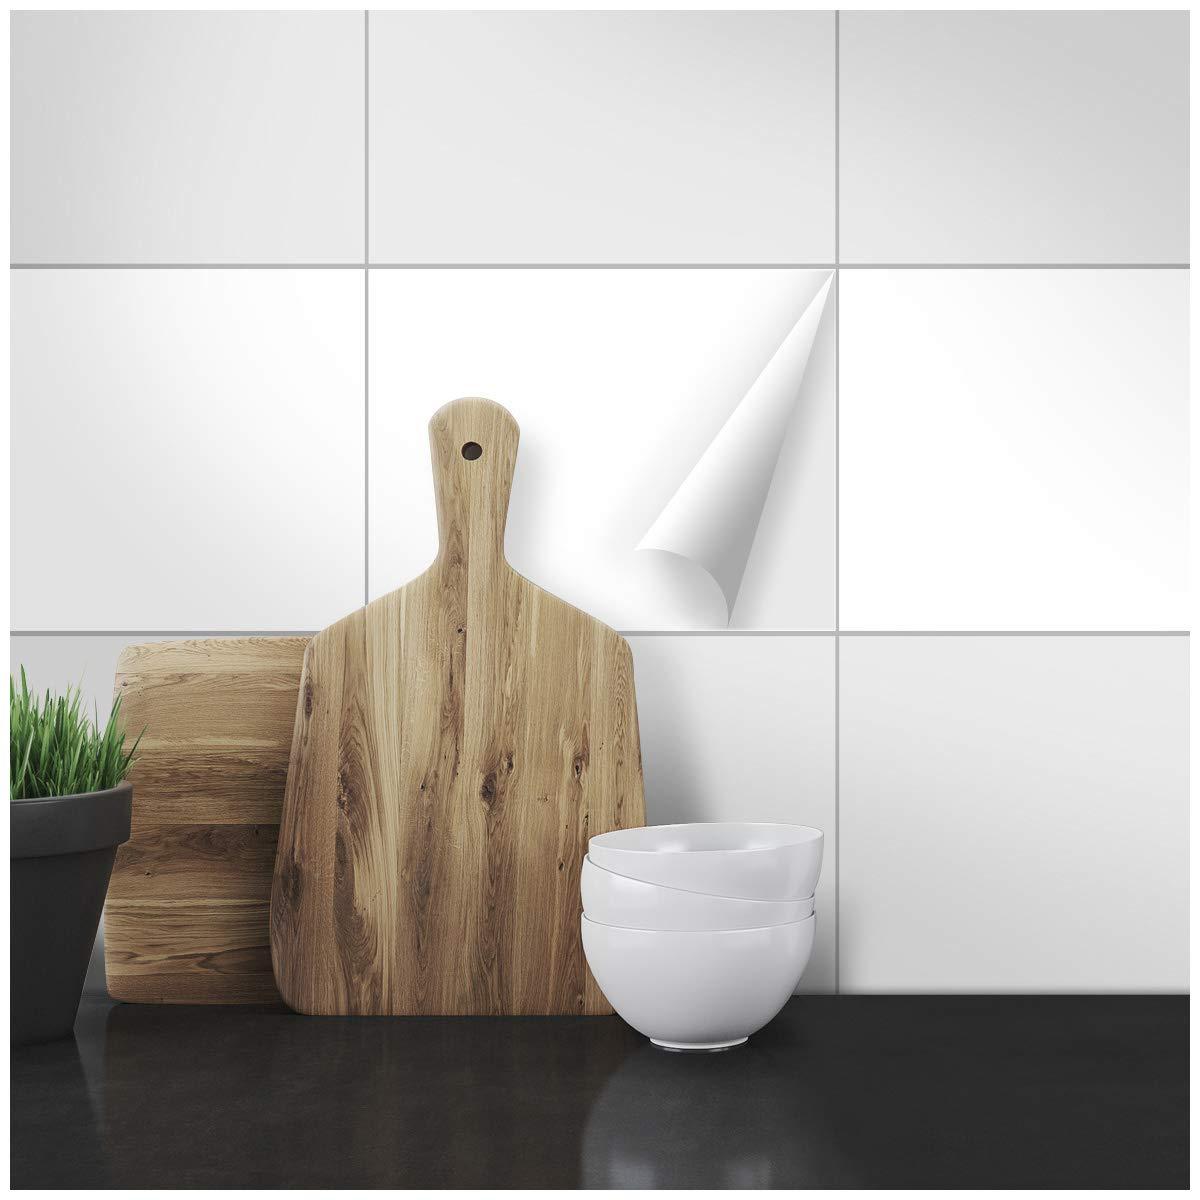 Wandkings Fliesenaufkleber Fliesenaufkleber Fliesenaufkleber - Wähle eine Farbe & Größe - Weiß Seidenmatt - 19,5 x 24,5 cm - 50 Stück für Fliesen in Küche, Bad & mehr B074DZKHMM Fliesenaufkleber 9c3c03